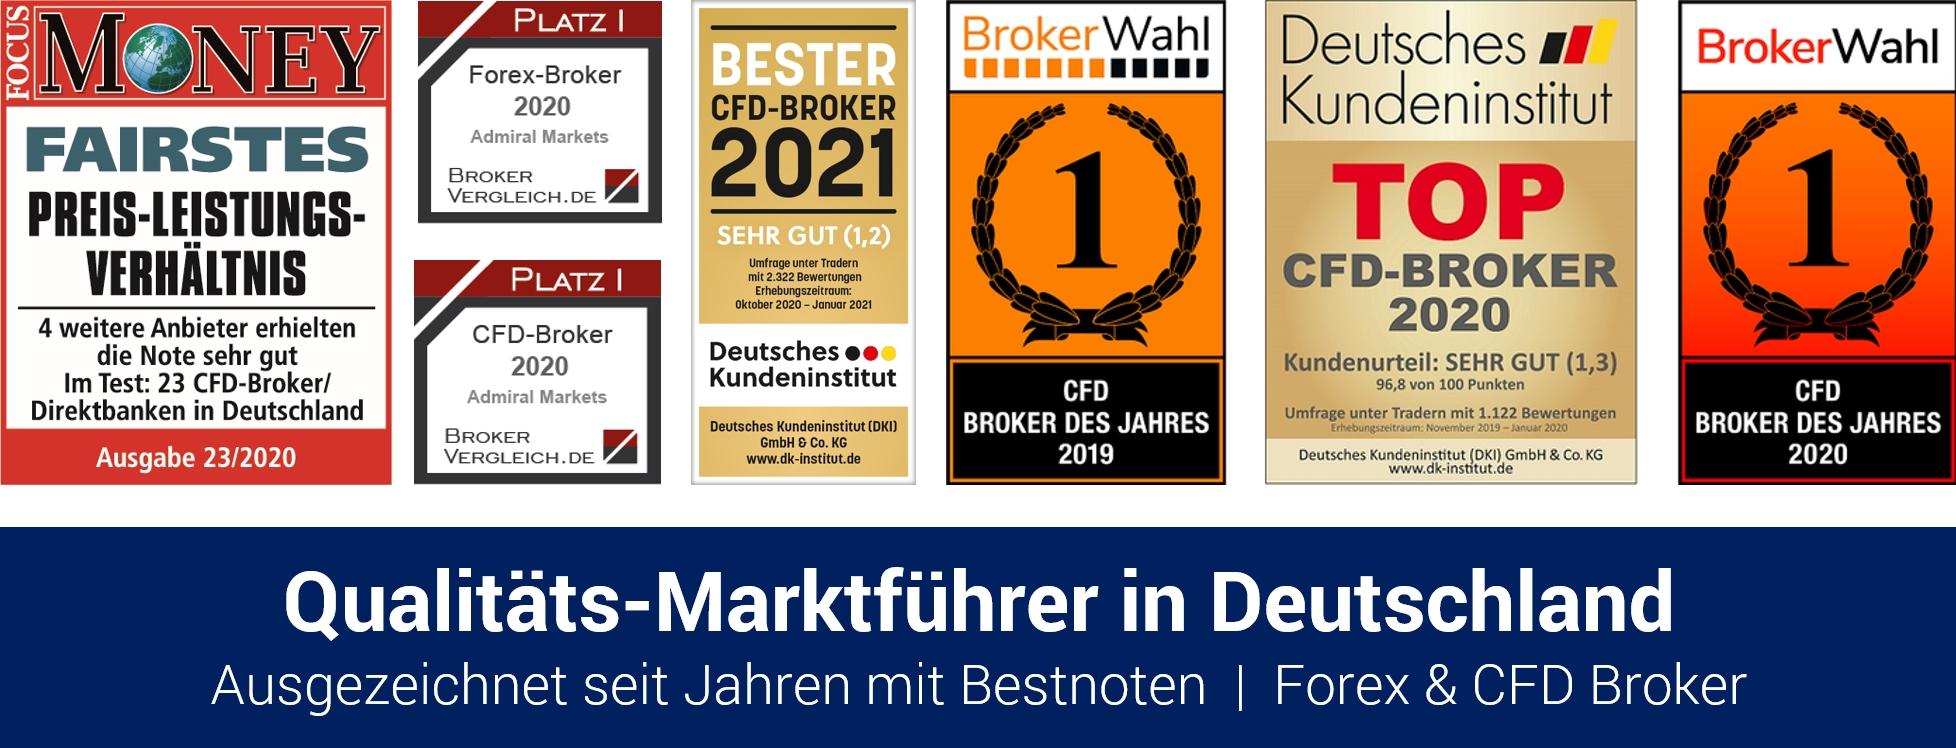 Ist-die-Technische-Analyse-der-Schlüssel-zum-Erfolg-DAYTRADING-und-Gedanken-von-Heiko-Behrendt-Jens-Chrzanowski-GodmodeTrader.de-1